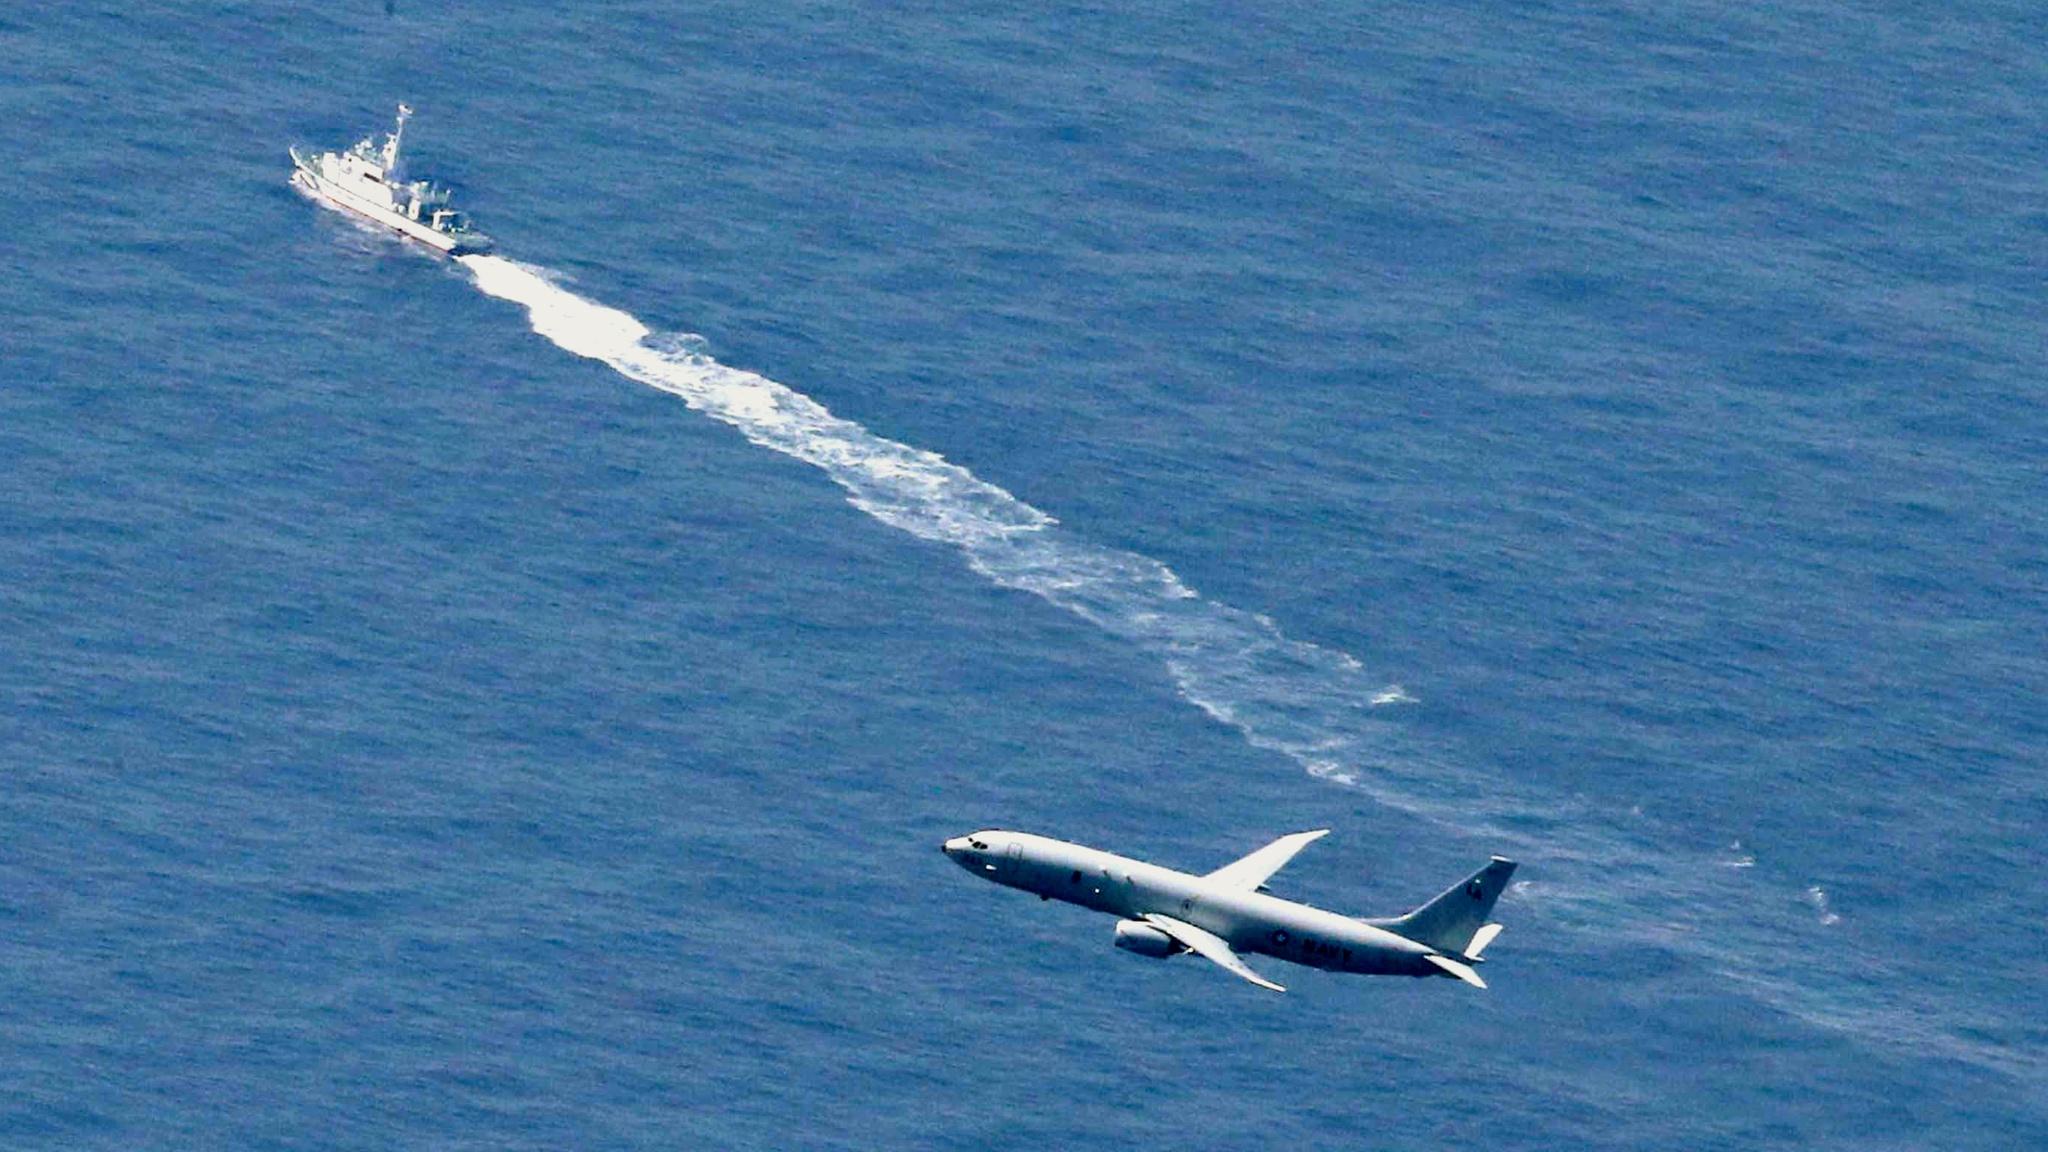 中俄也在搜寻日本F-35残骸?美国官员披露实情